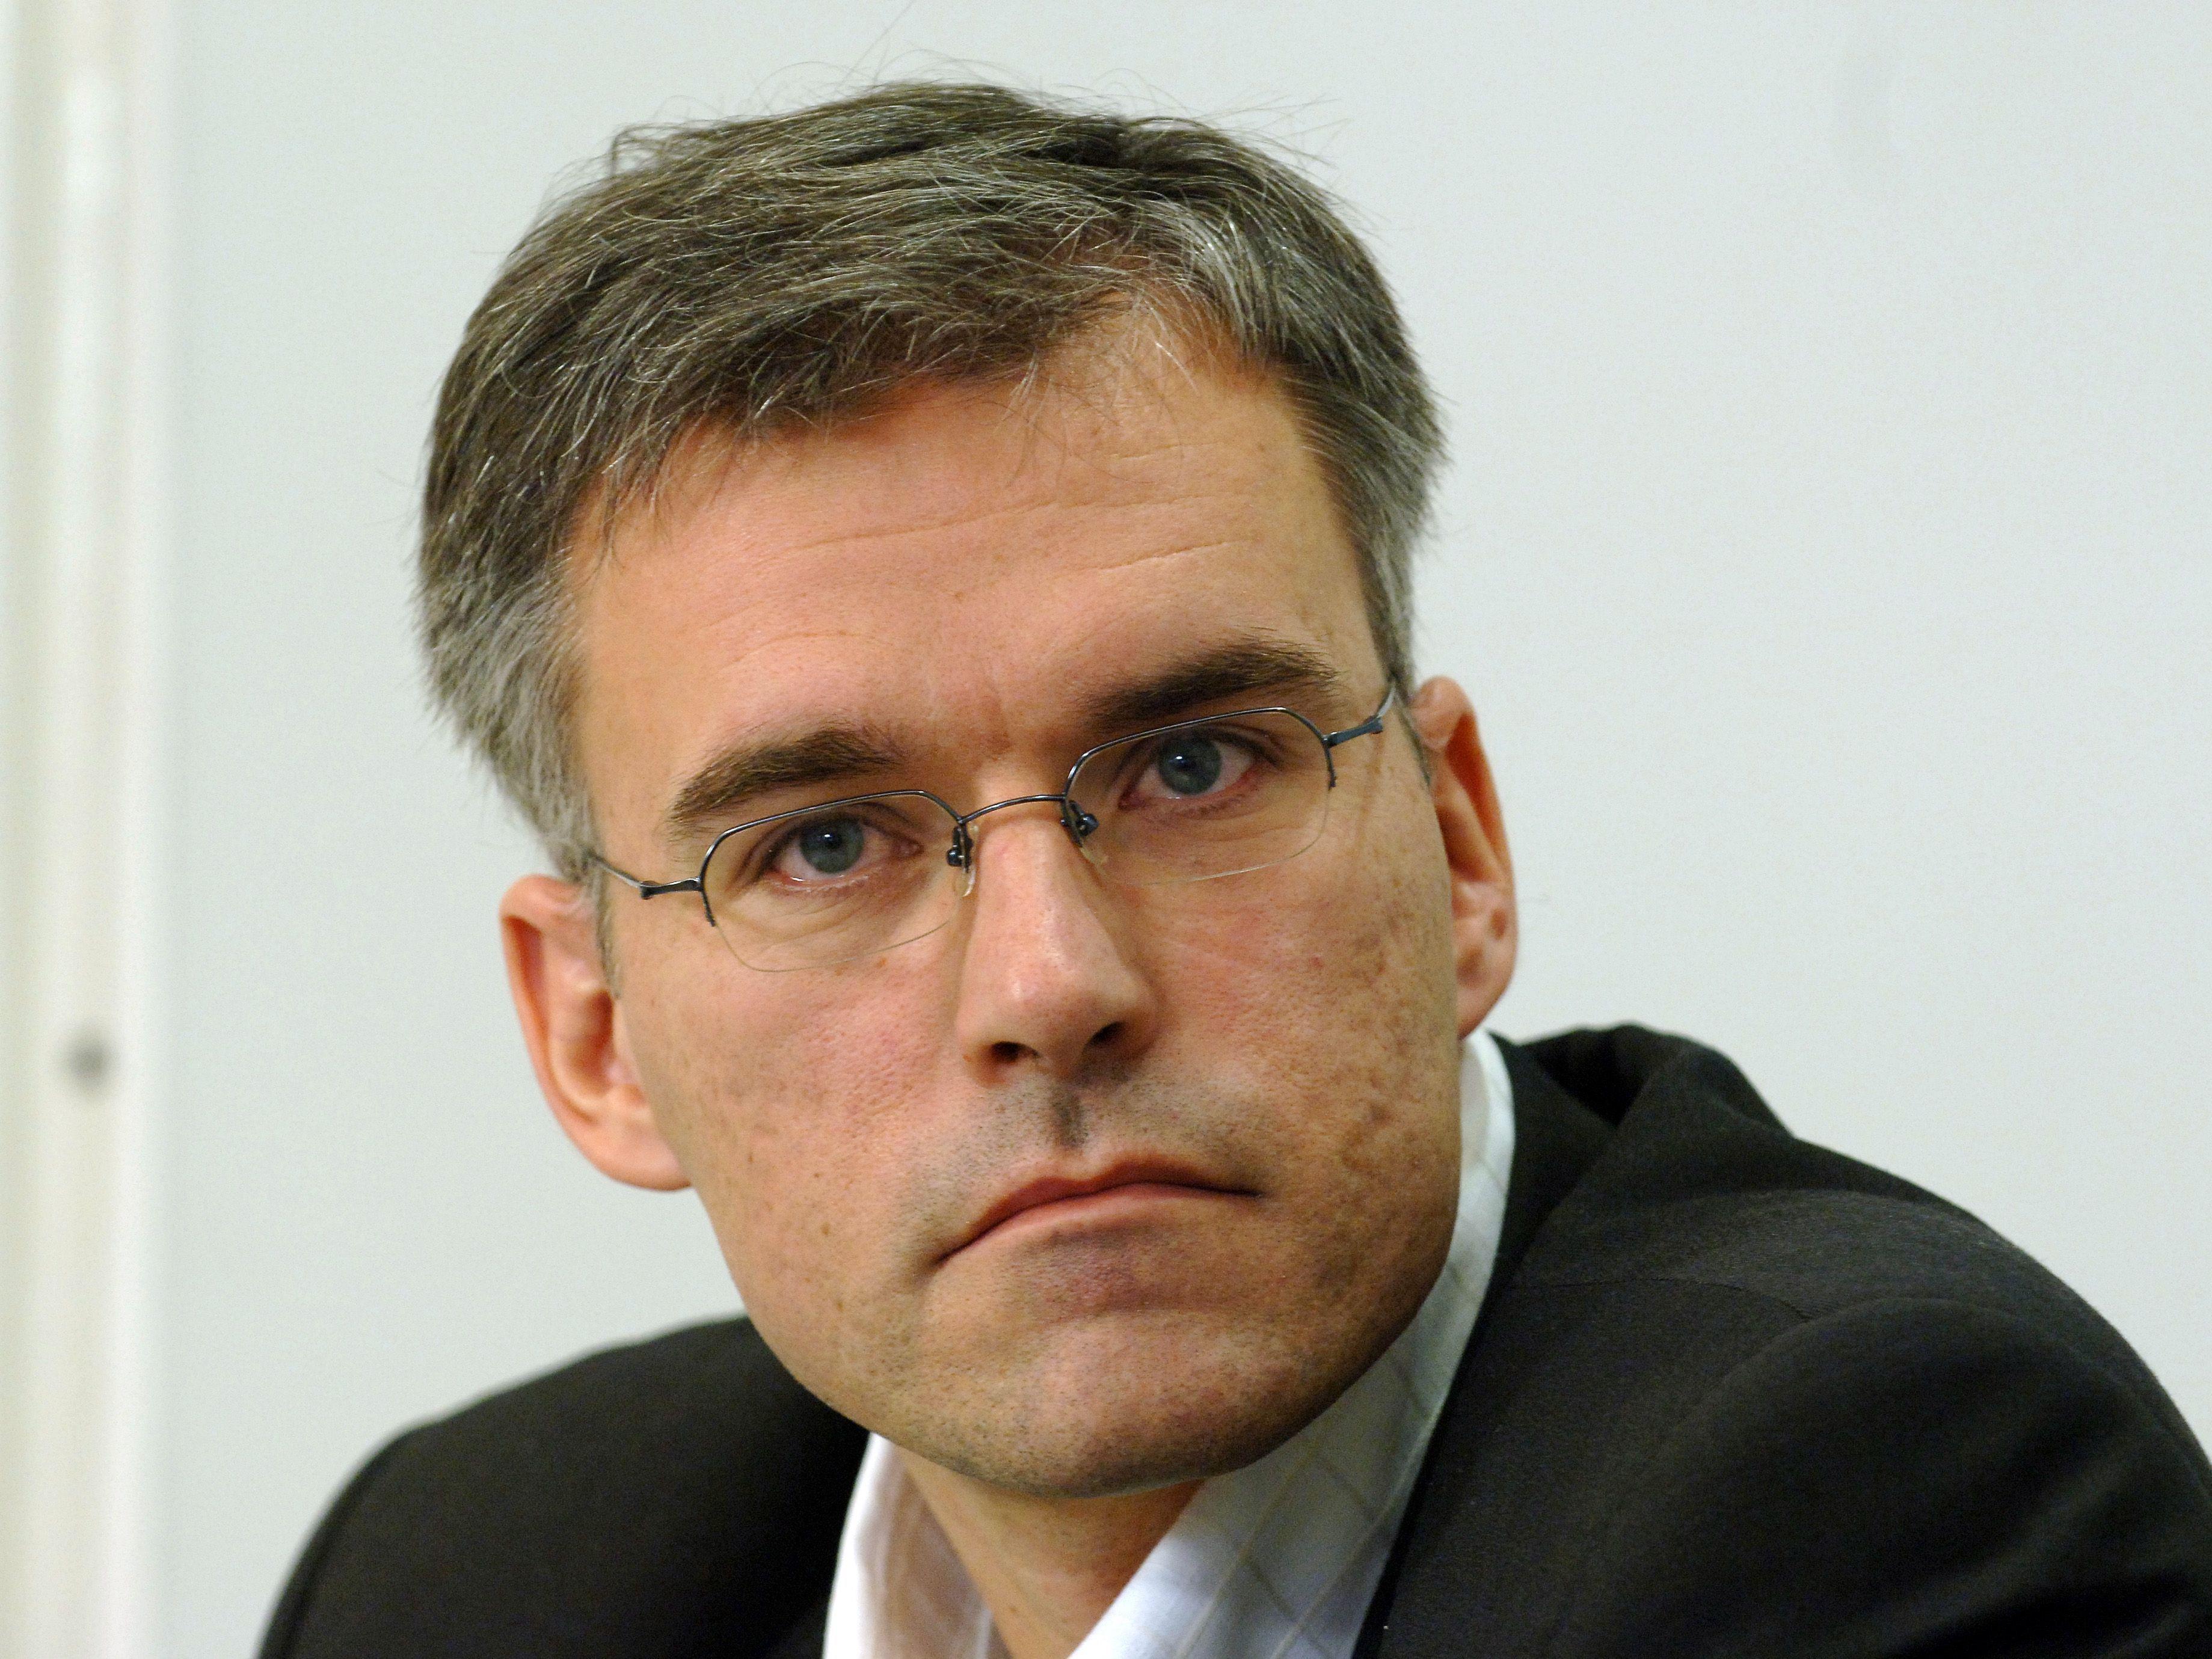 Lothar Lockl bezweifelt die Richtigkeit der Spendenangaben der BP-Kandidaten.